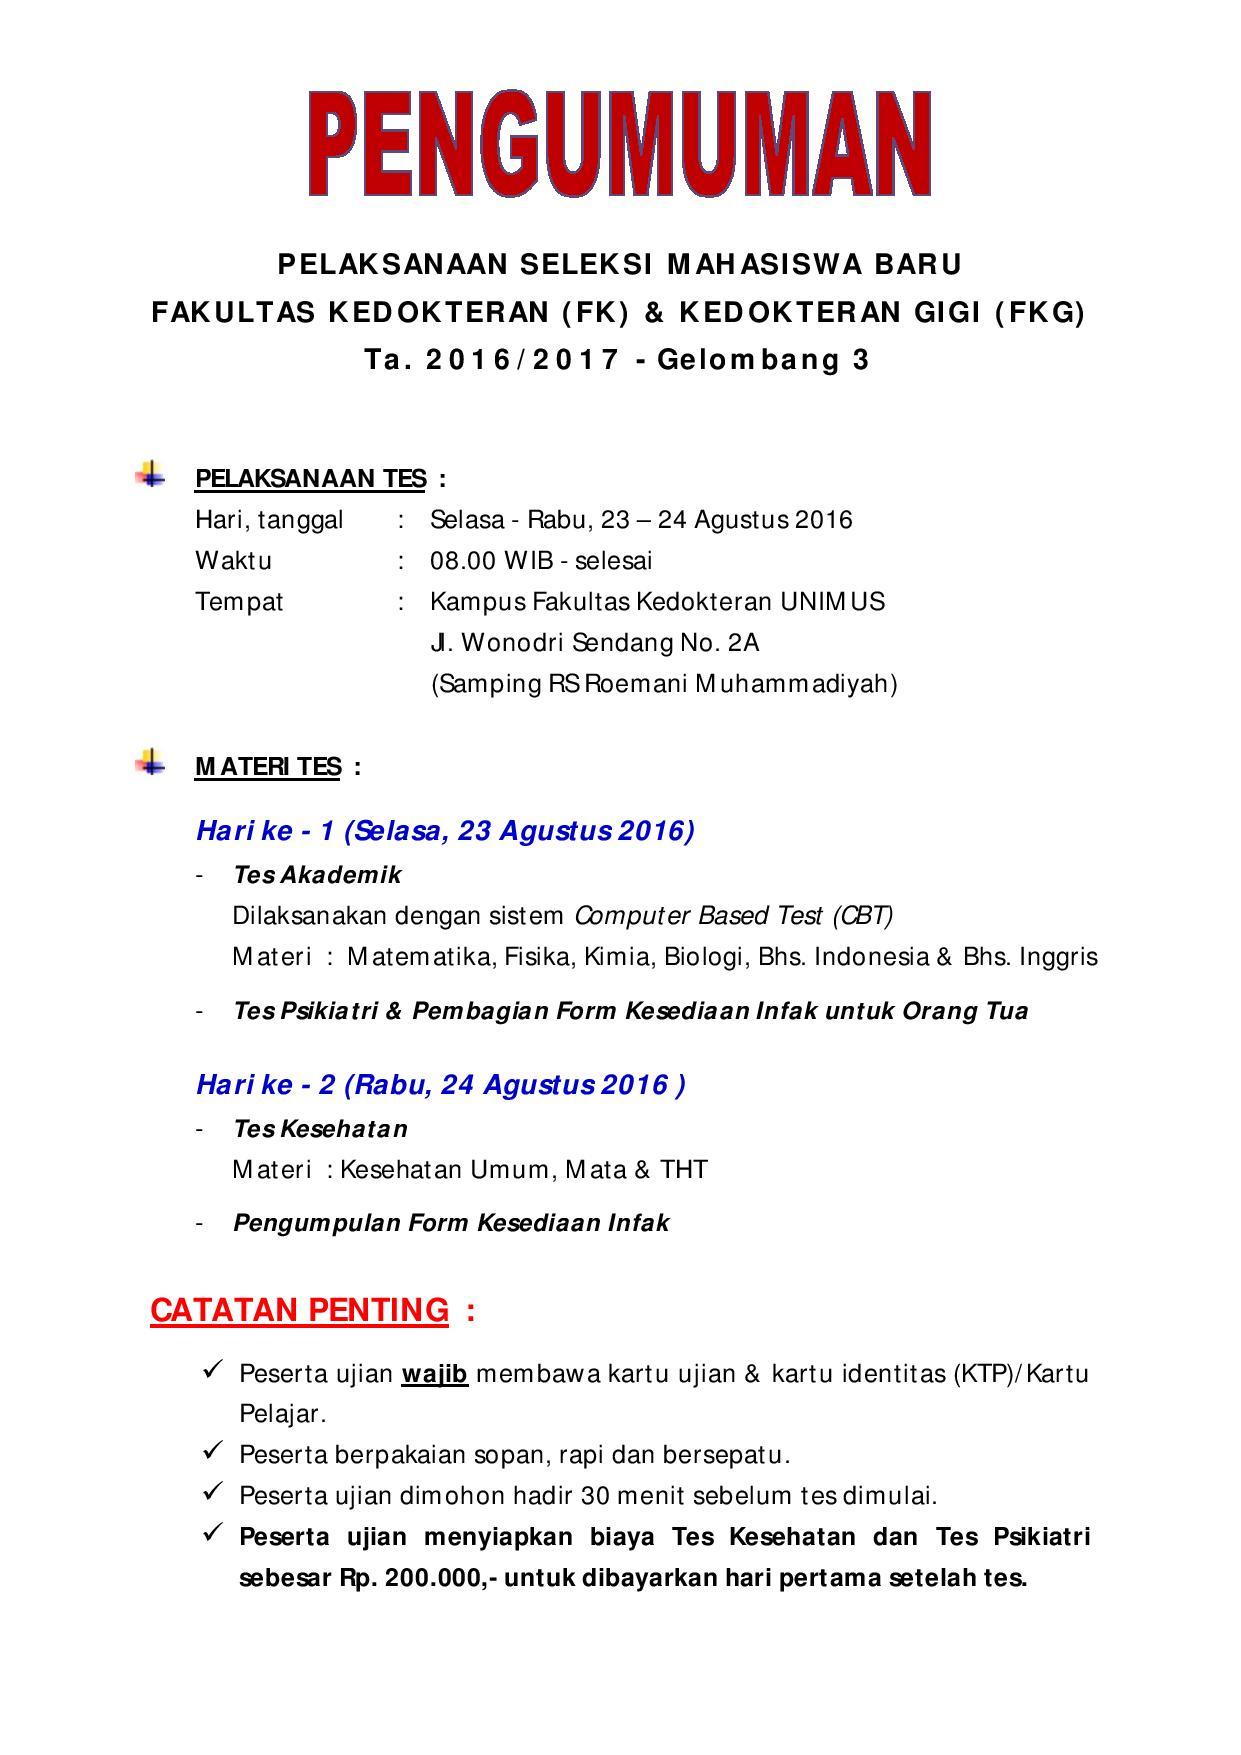 PENGUMUMAN TES FK Gel 3_WEB-page-001